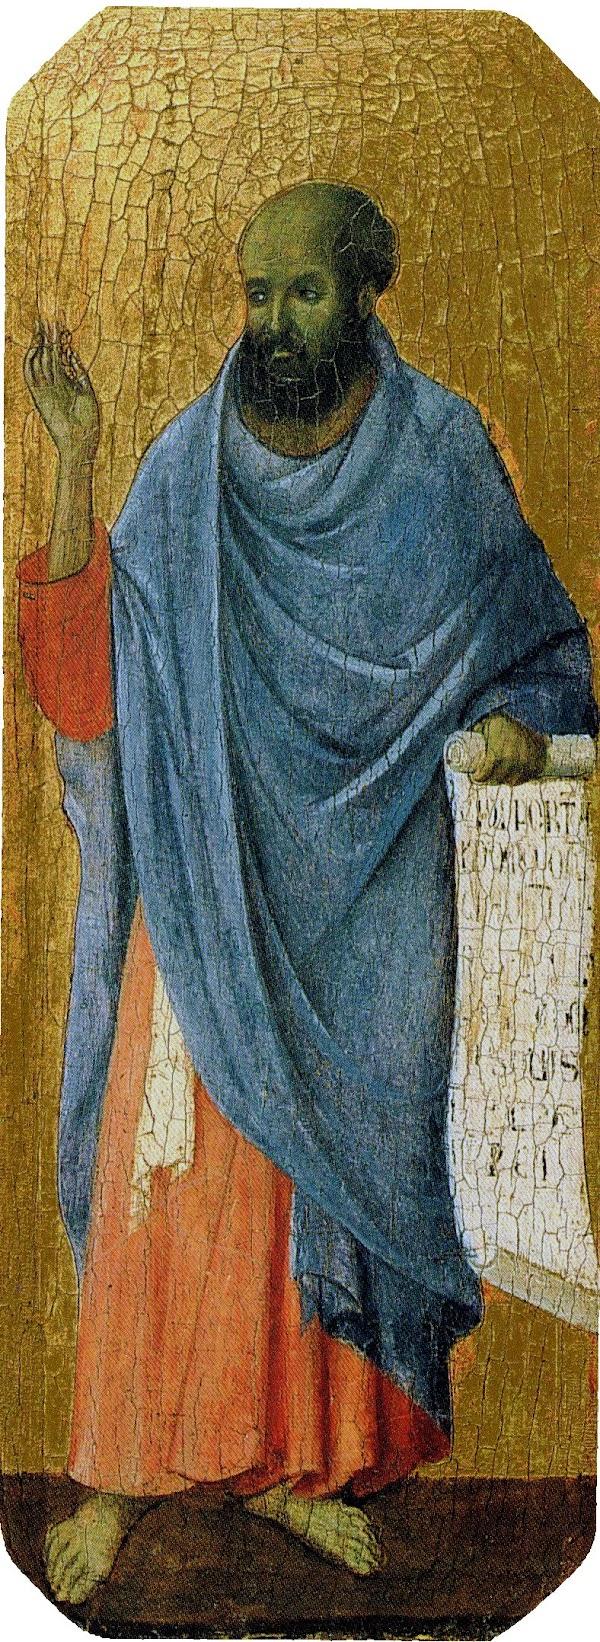 Duccio di Buoninsegna, Predella della Maestà, Ezechiele